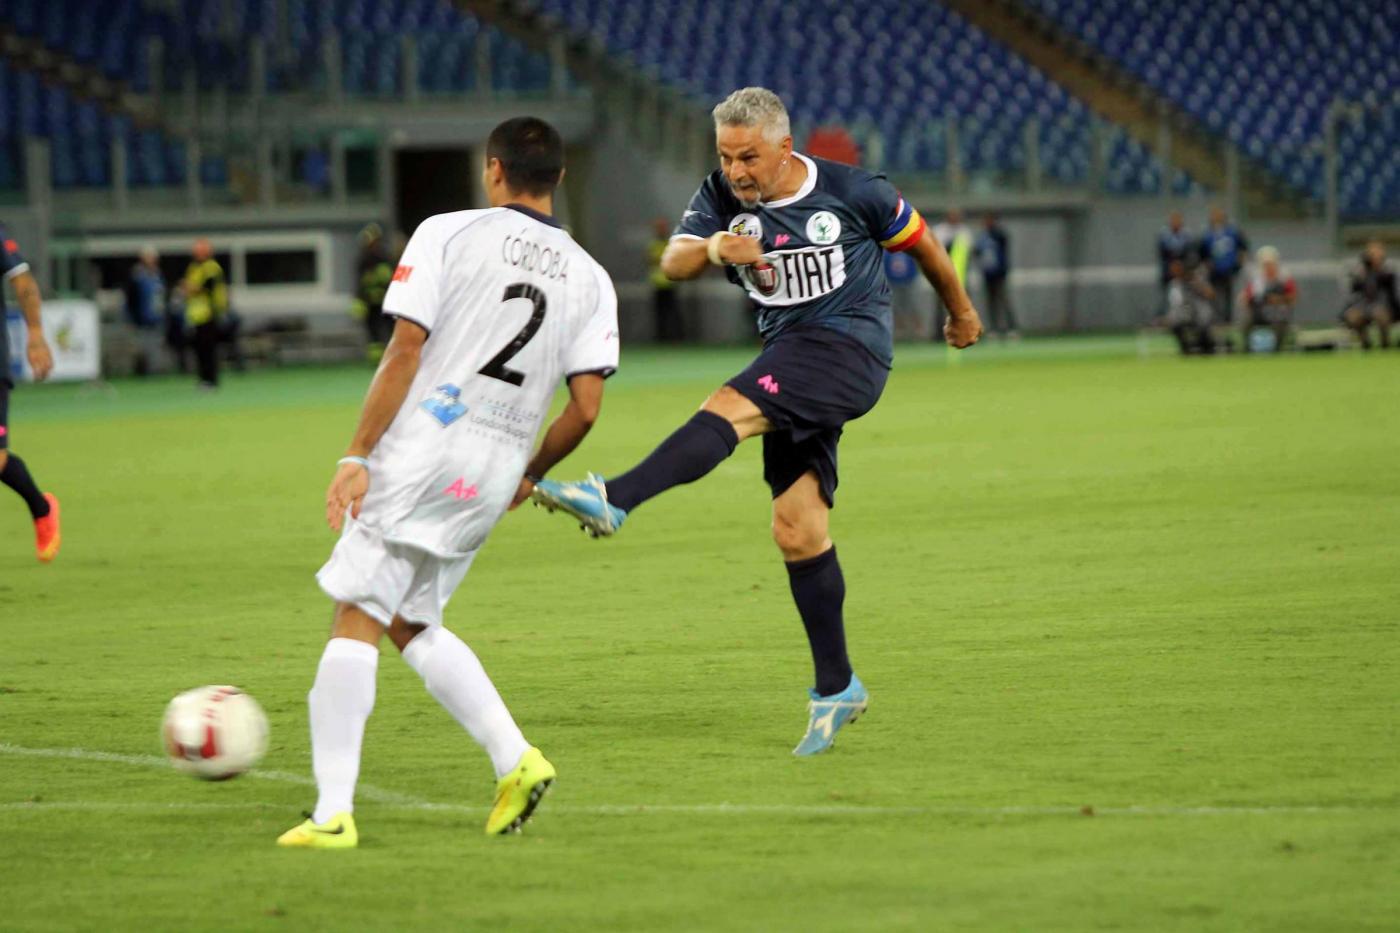 Maradona prepara l'assist e Baggio segna: il gol da leggenda